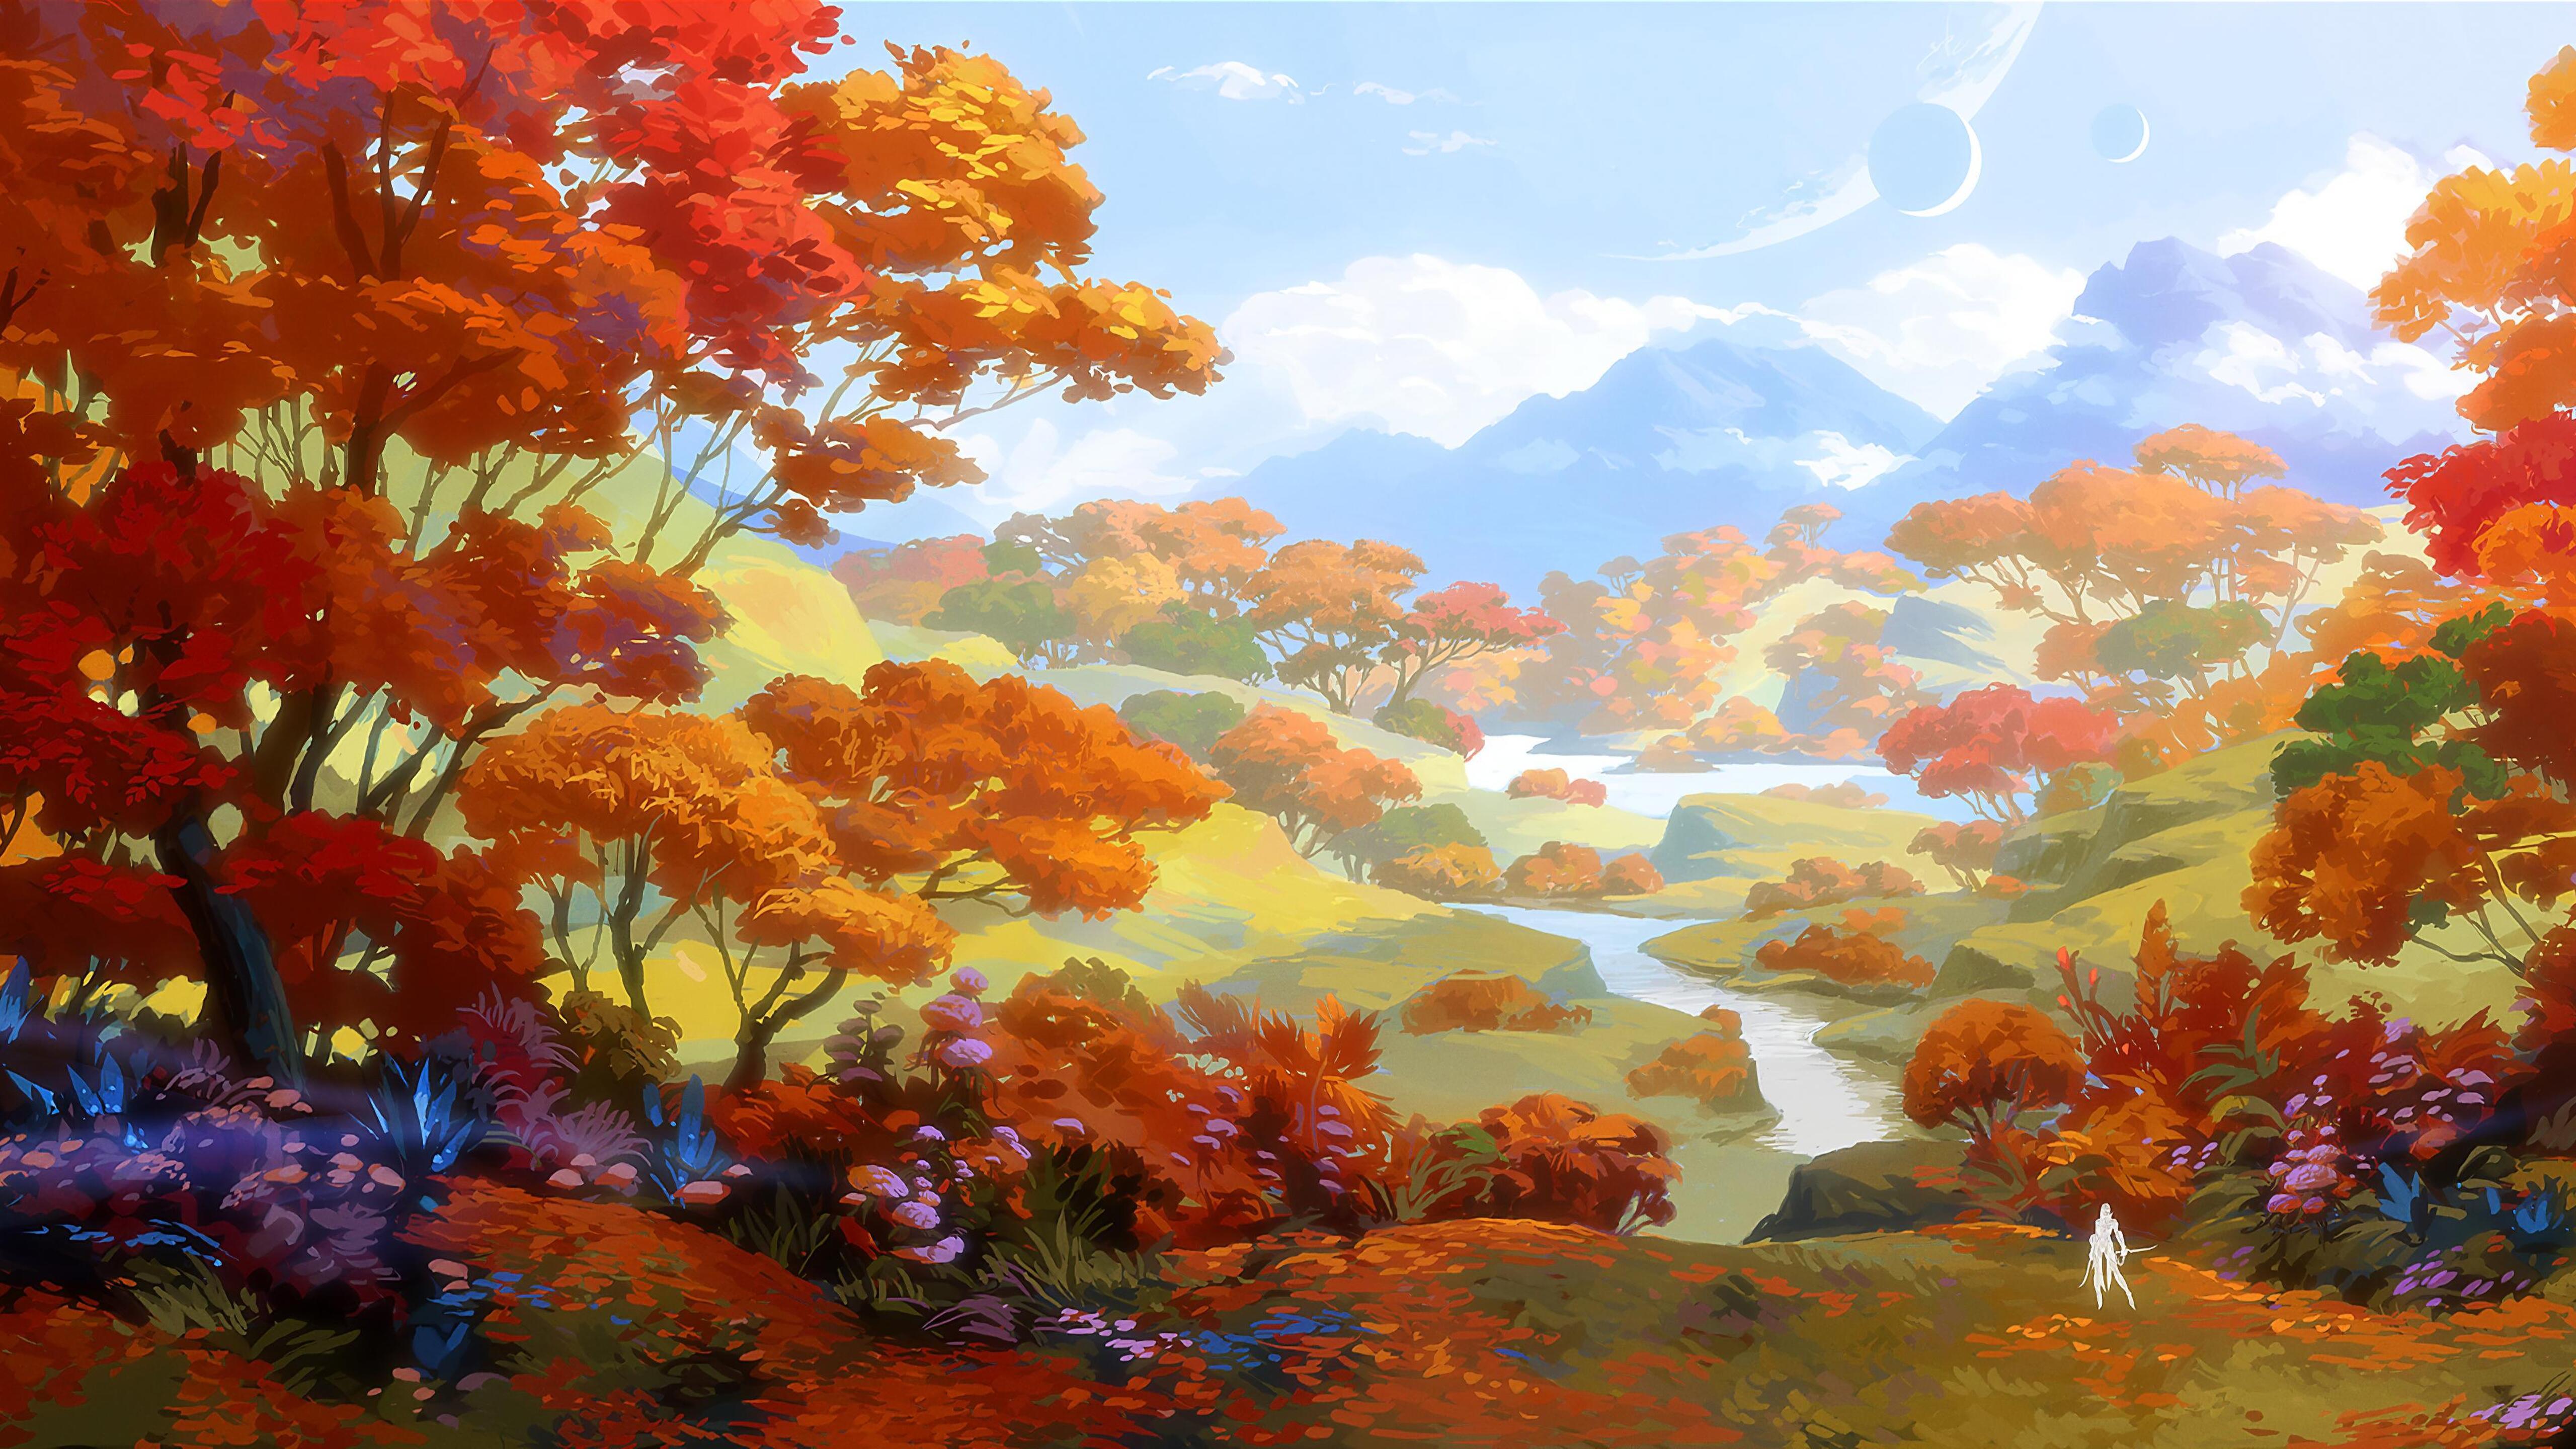 autumn-trees-5k-yt.jpg